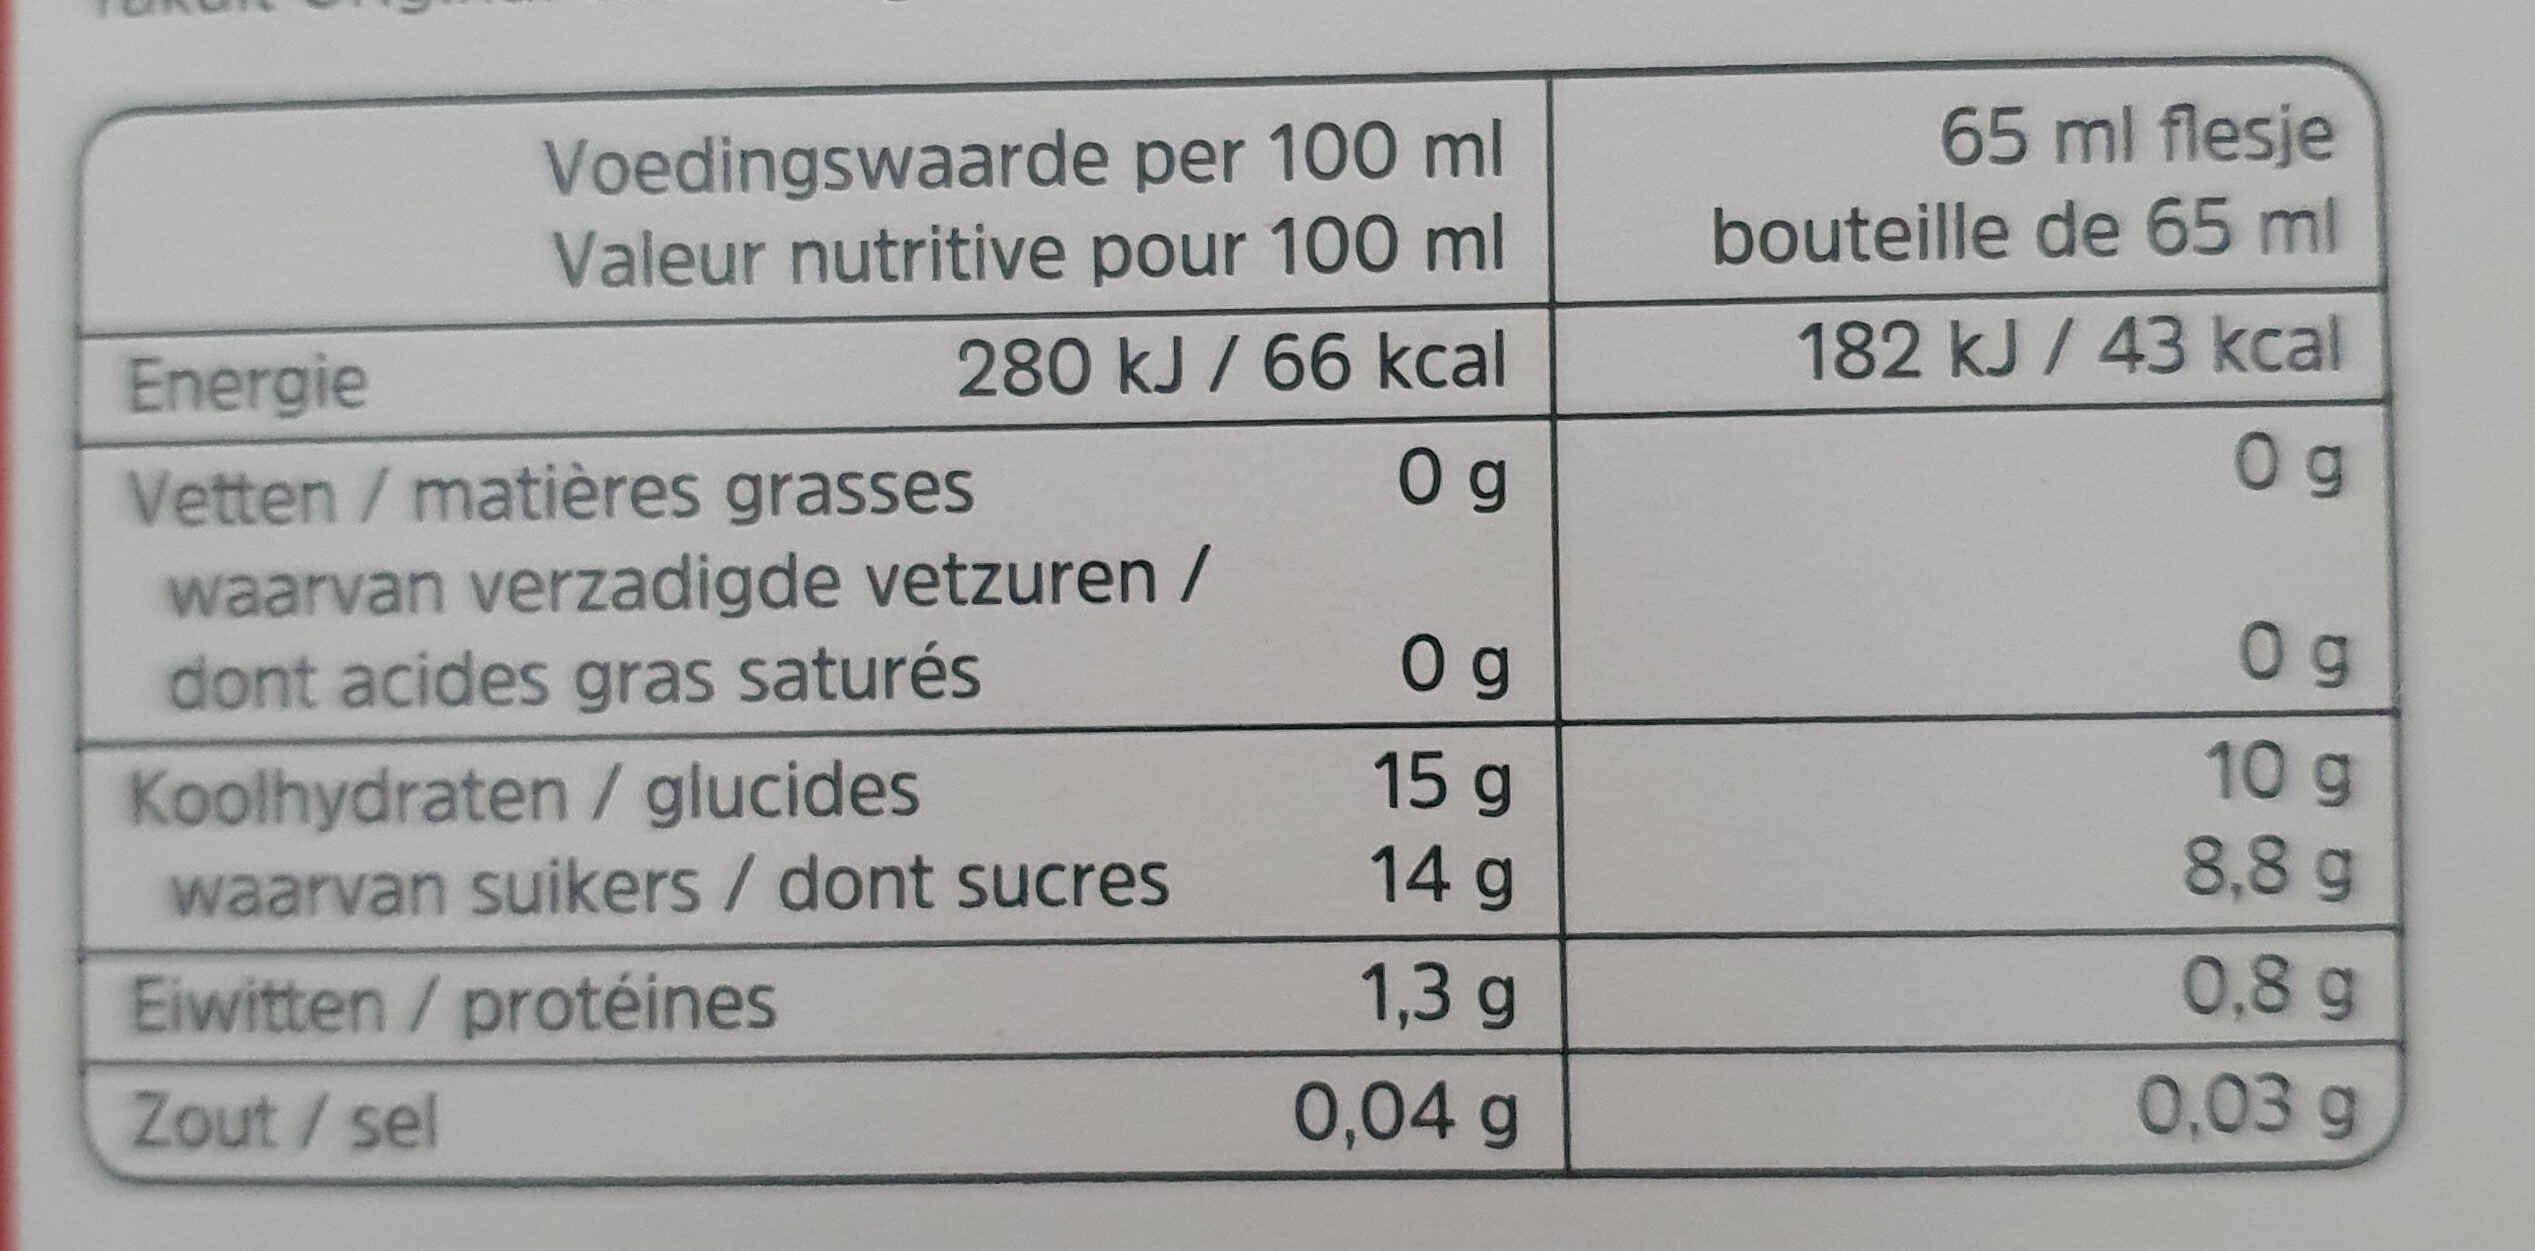 Yakult Original 0% vet - Nutrition facts - nl